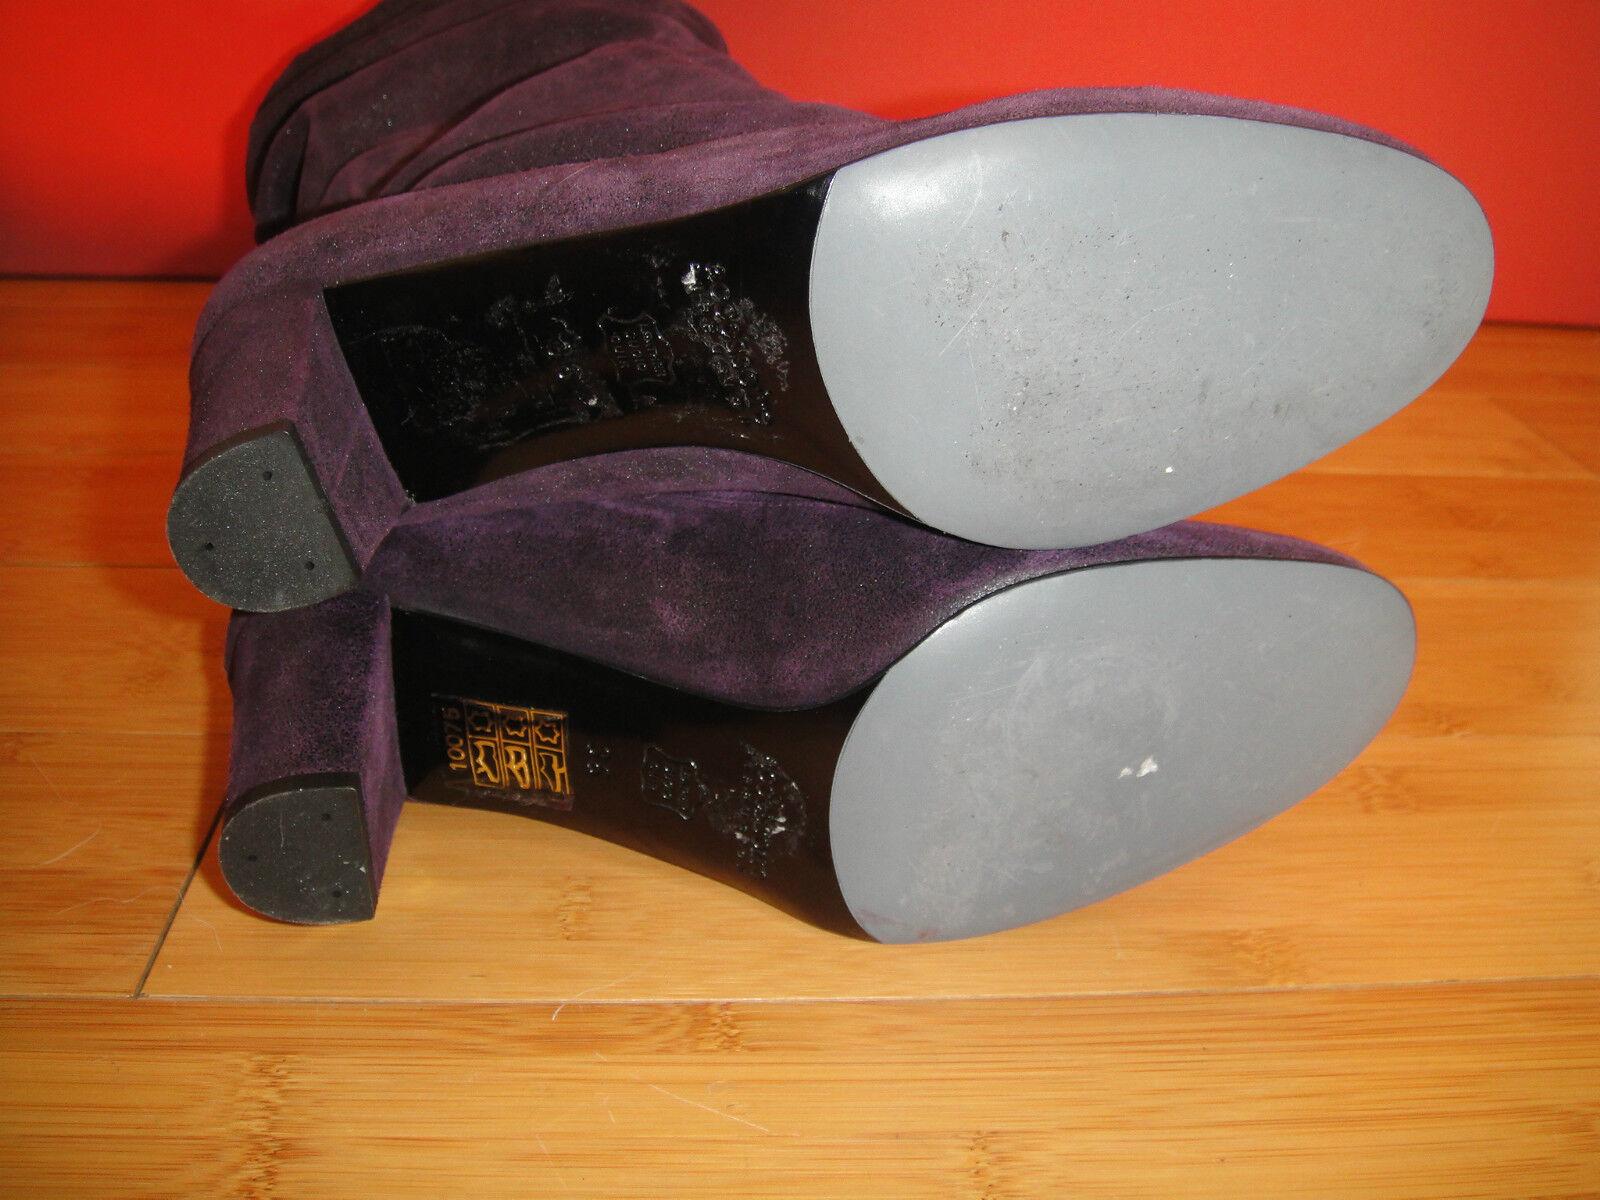 Superb ACCESSOIRE  DIFFUSION purple shiny leather  ACCESSOIRE slouch  boots EU 36  *59* 3b0635